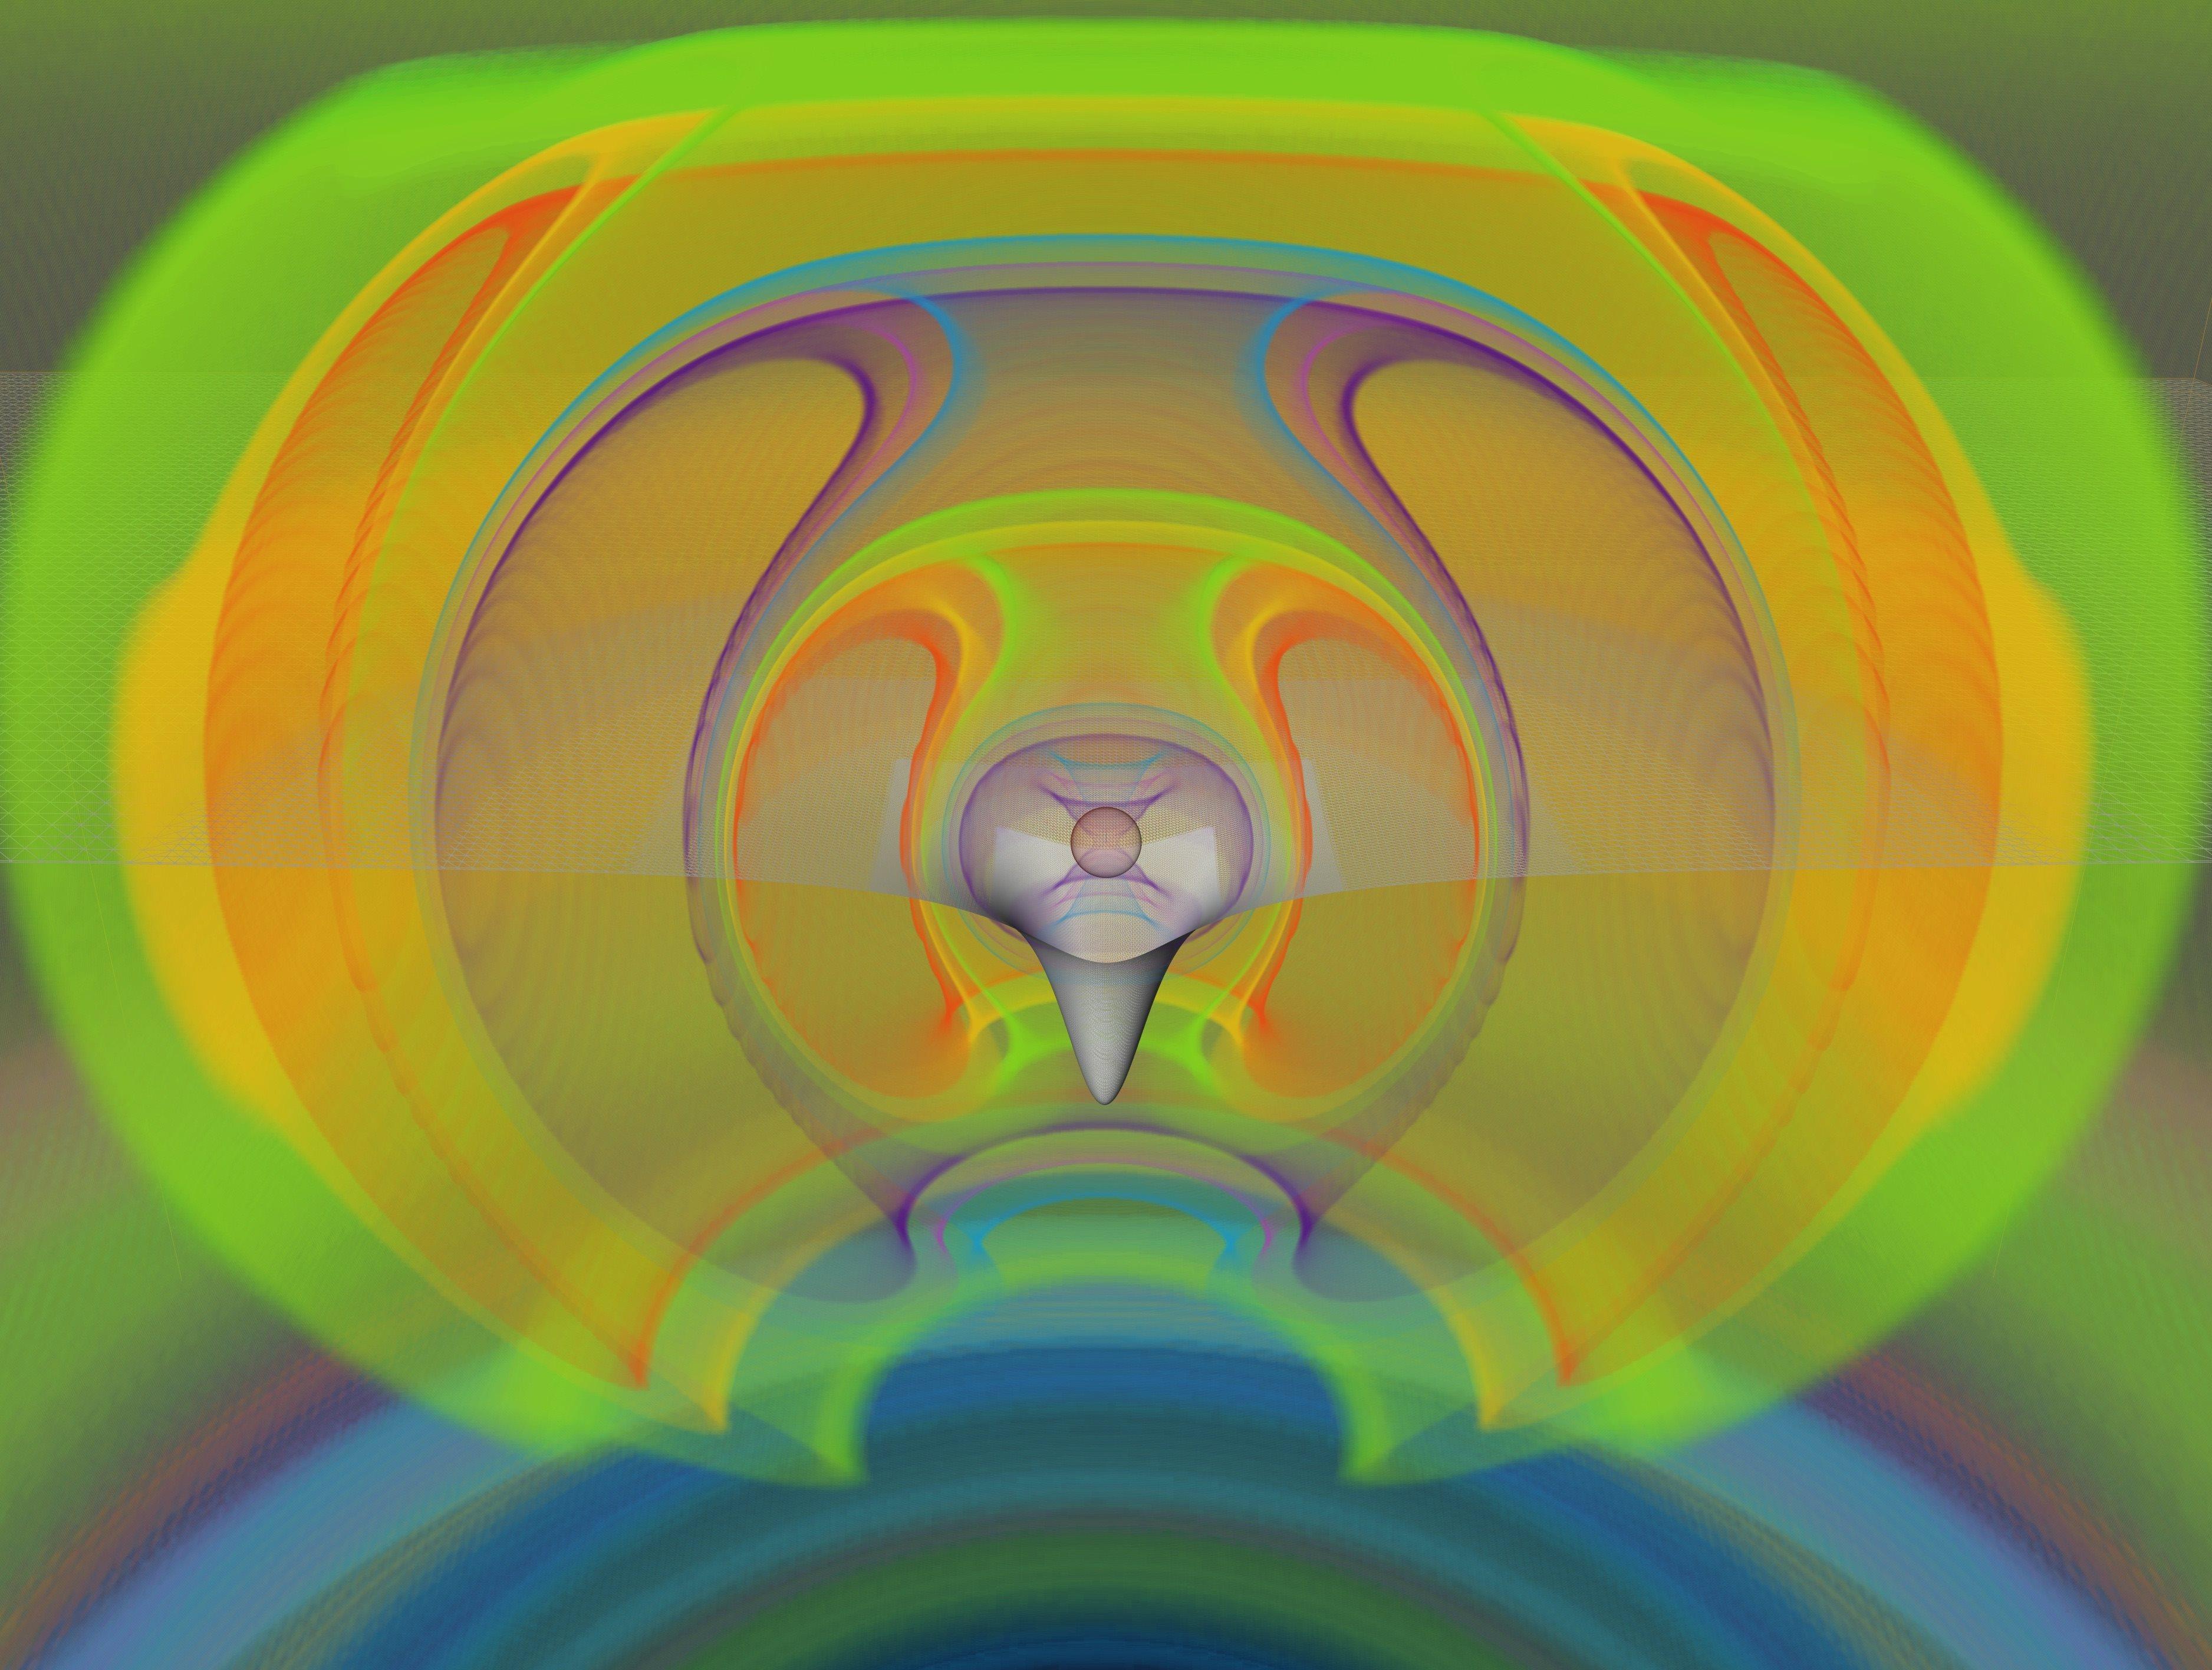 Havainnollistus neutronitähdestä. Kuva: Goethe University Frankfurt